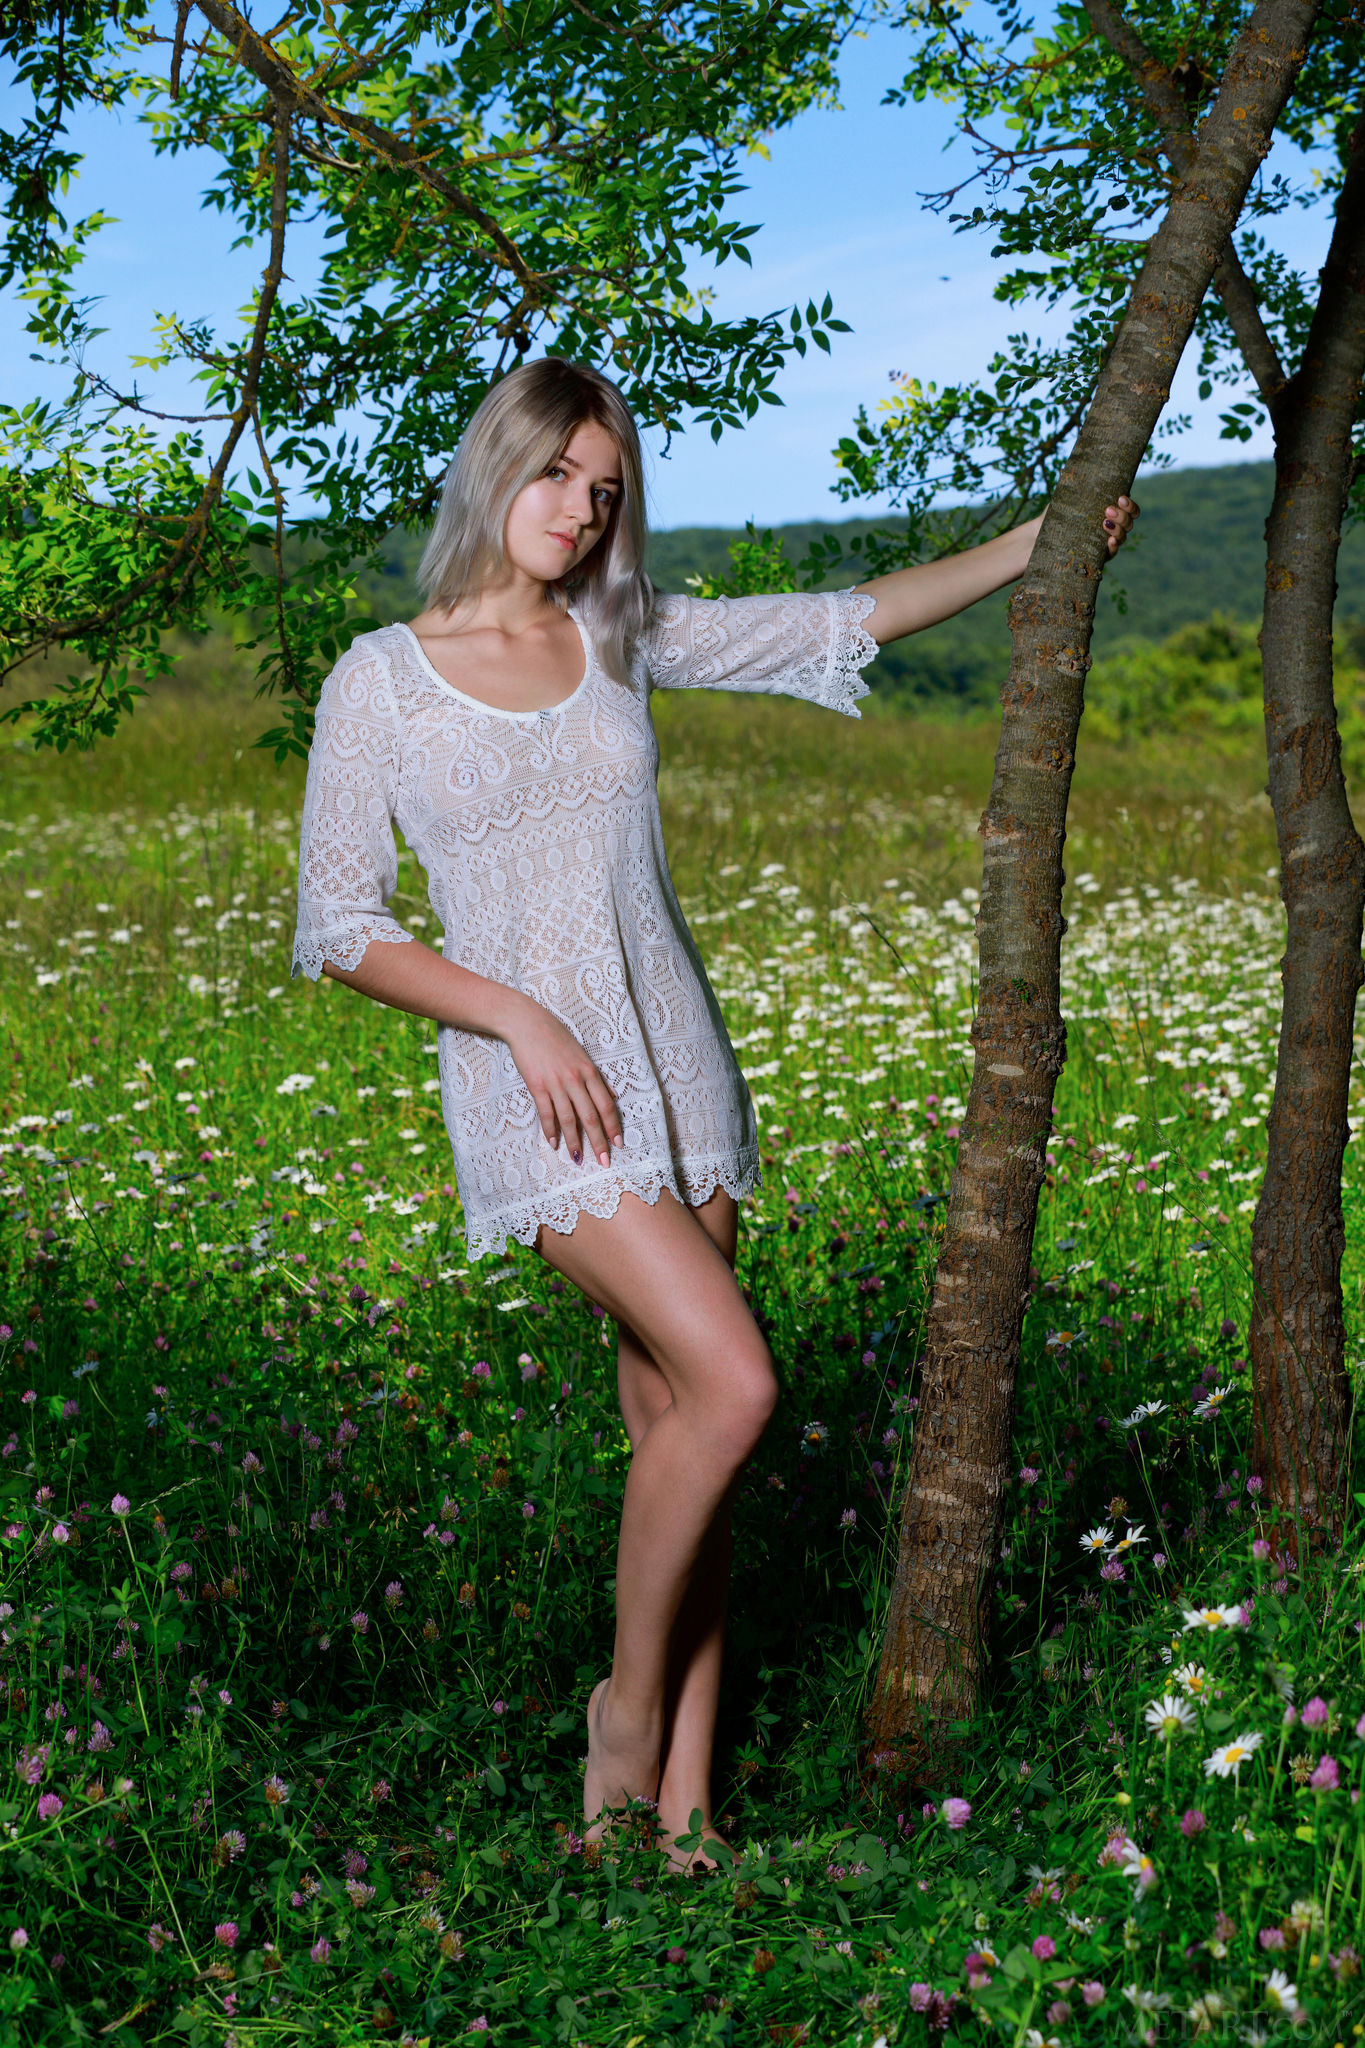 野花真的比較香 Libby - Floral Field - 貼圖 - 歐美寫真 -